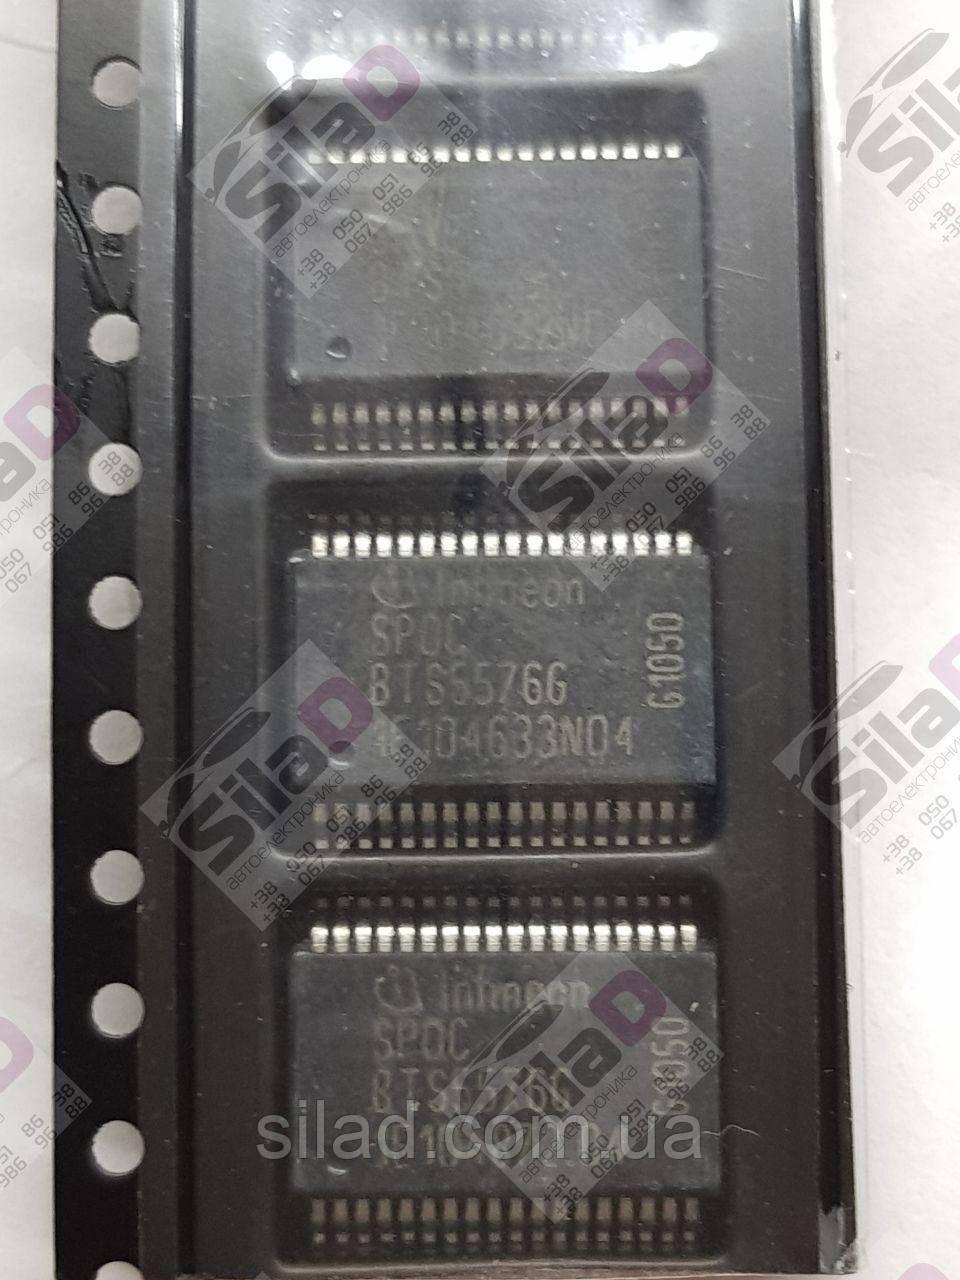 Микросхема BTS5576G Infineon корпус PG-DSO-36-34